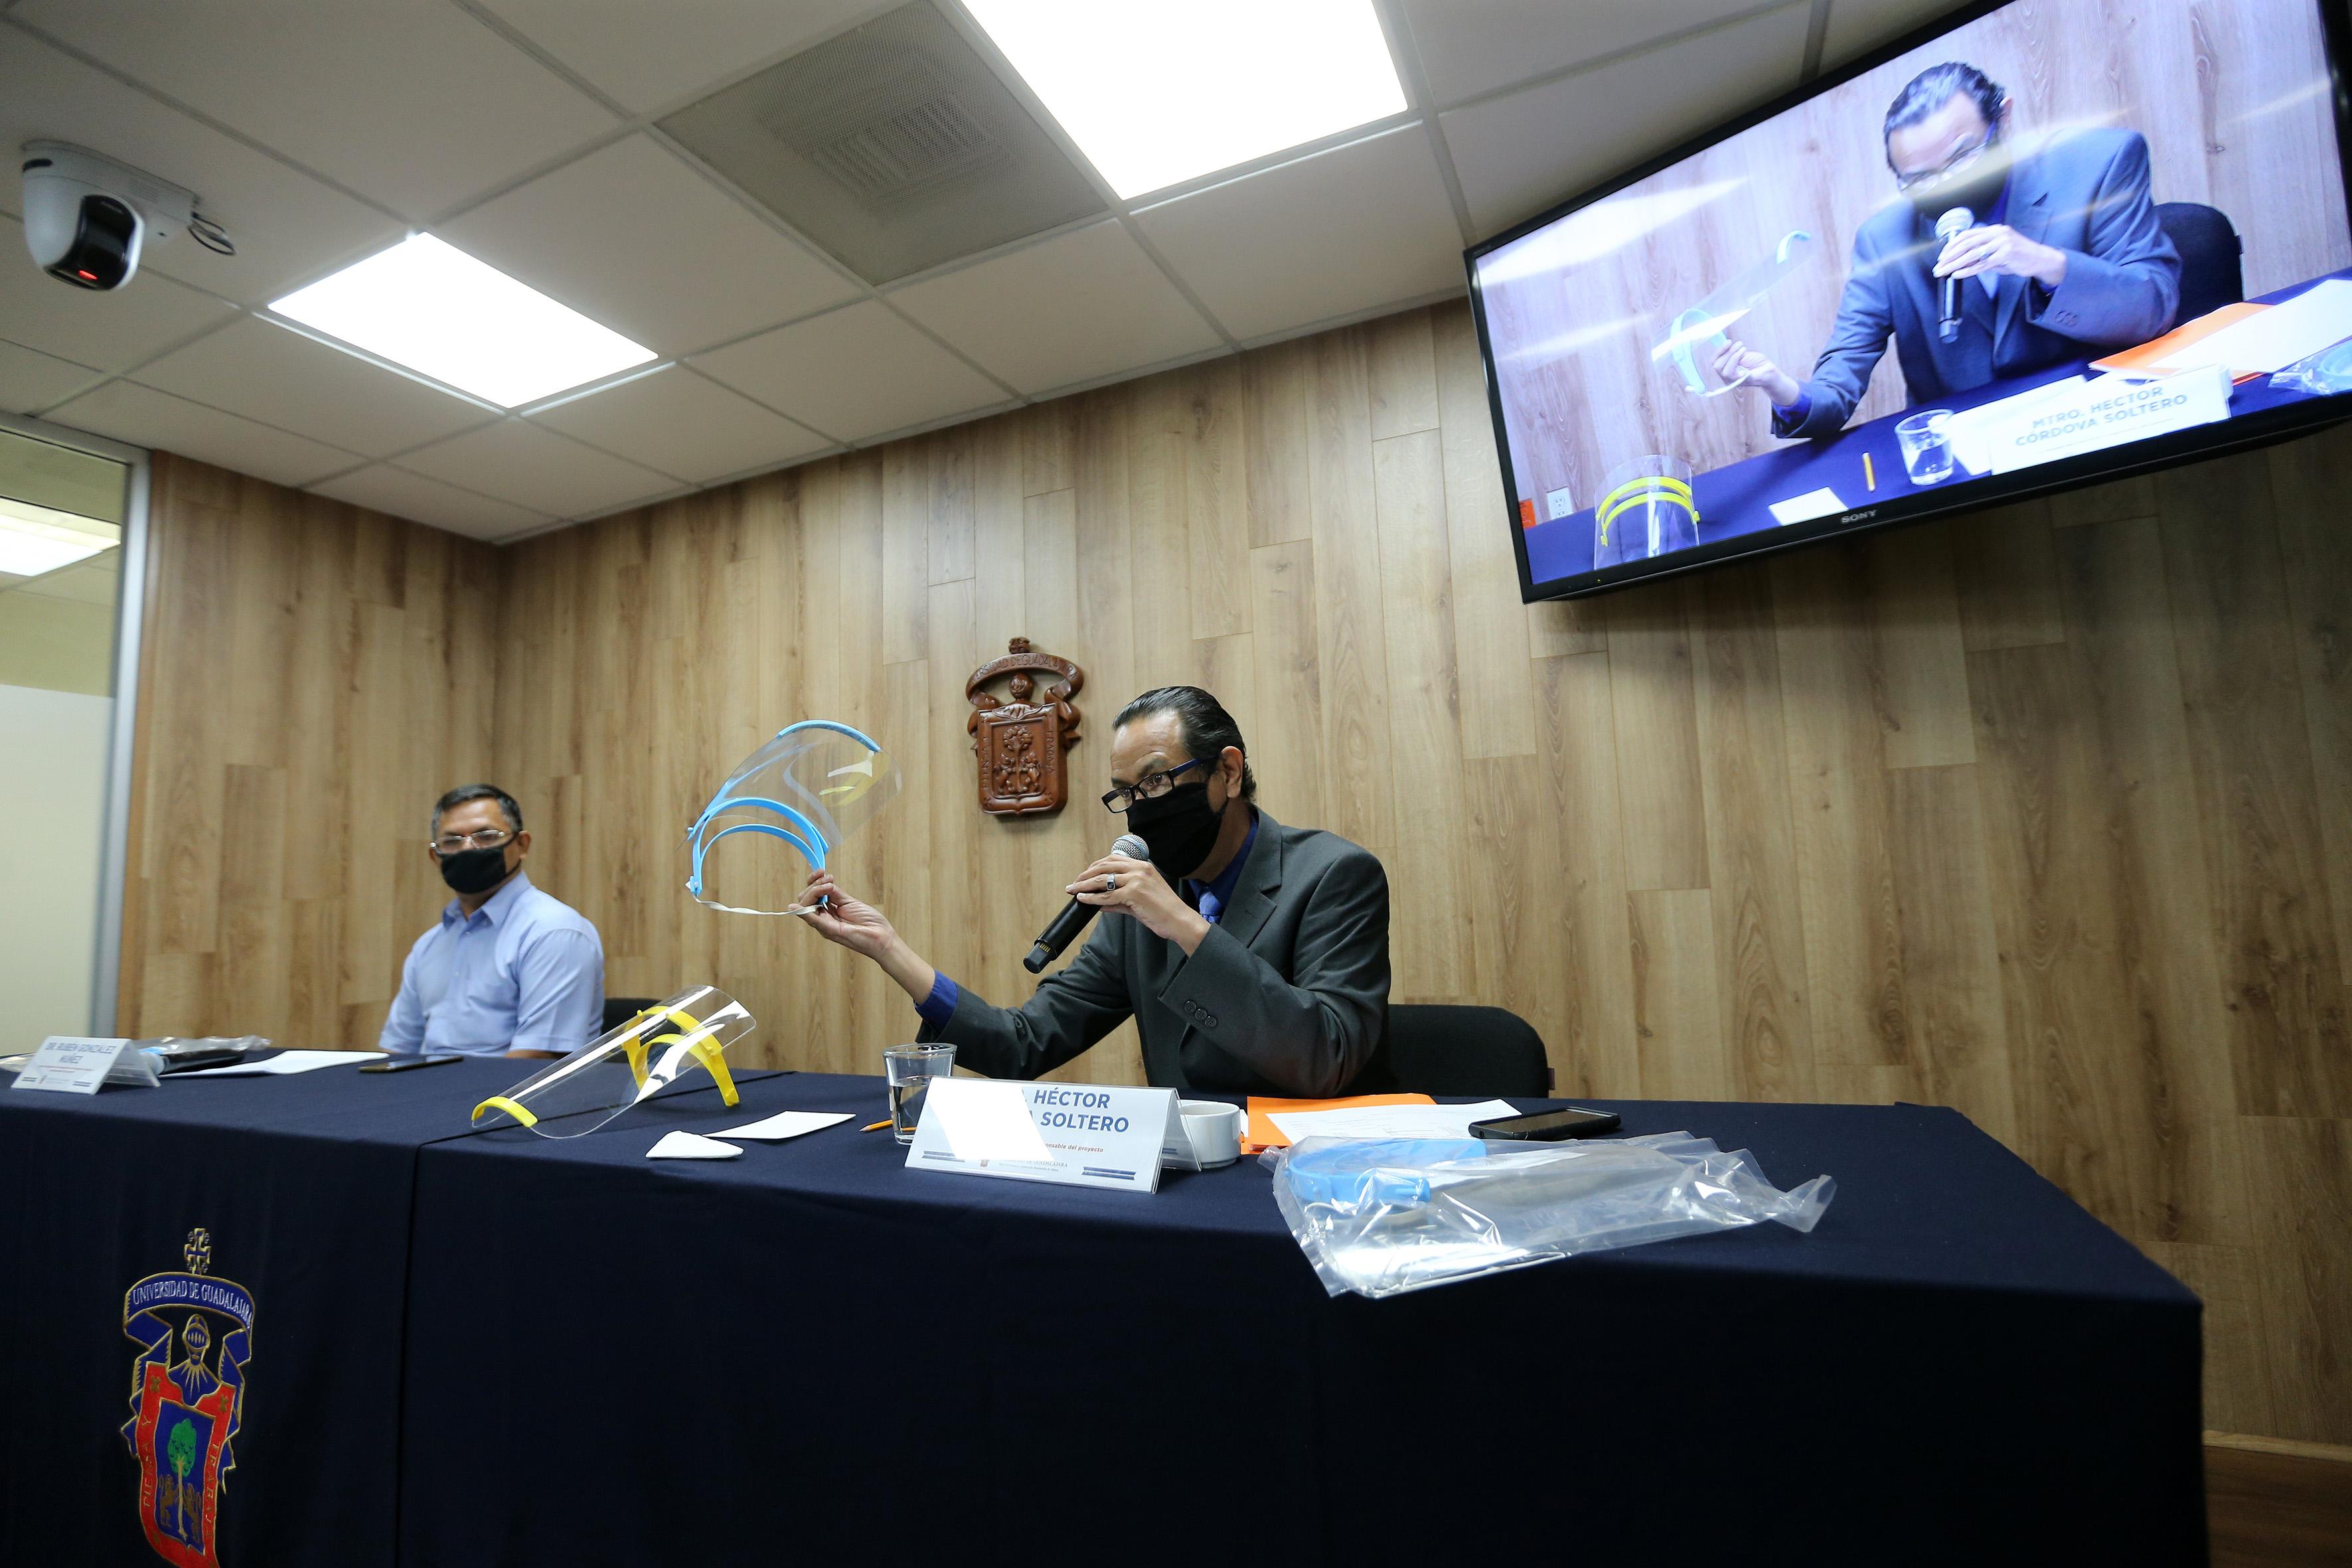 Profesores del CUCEI participando en la rueda de prensa de manera presencial